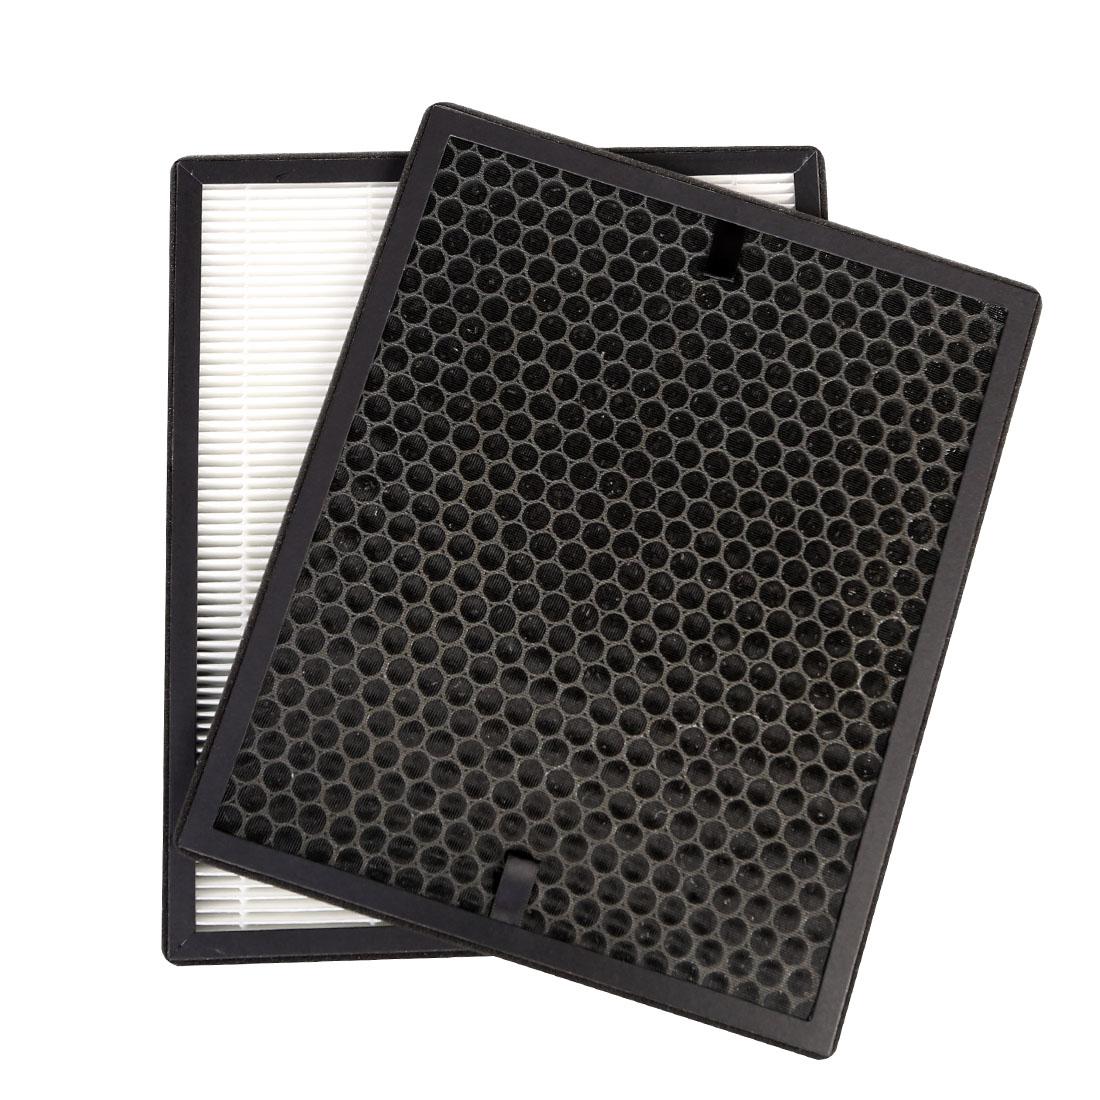 Zestaw filtrów HEPA i węglowy do urządzenia IDEAL AP 15 - OFILTRO Air Filter - HEPA H13 + Carbon - IDEAL AP 15